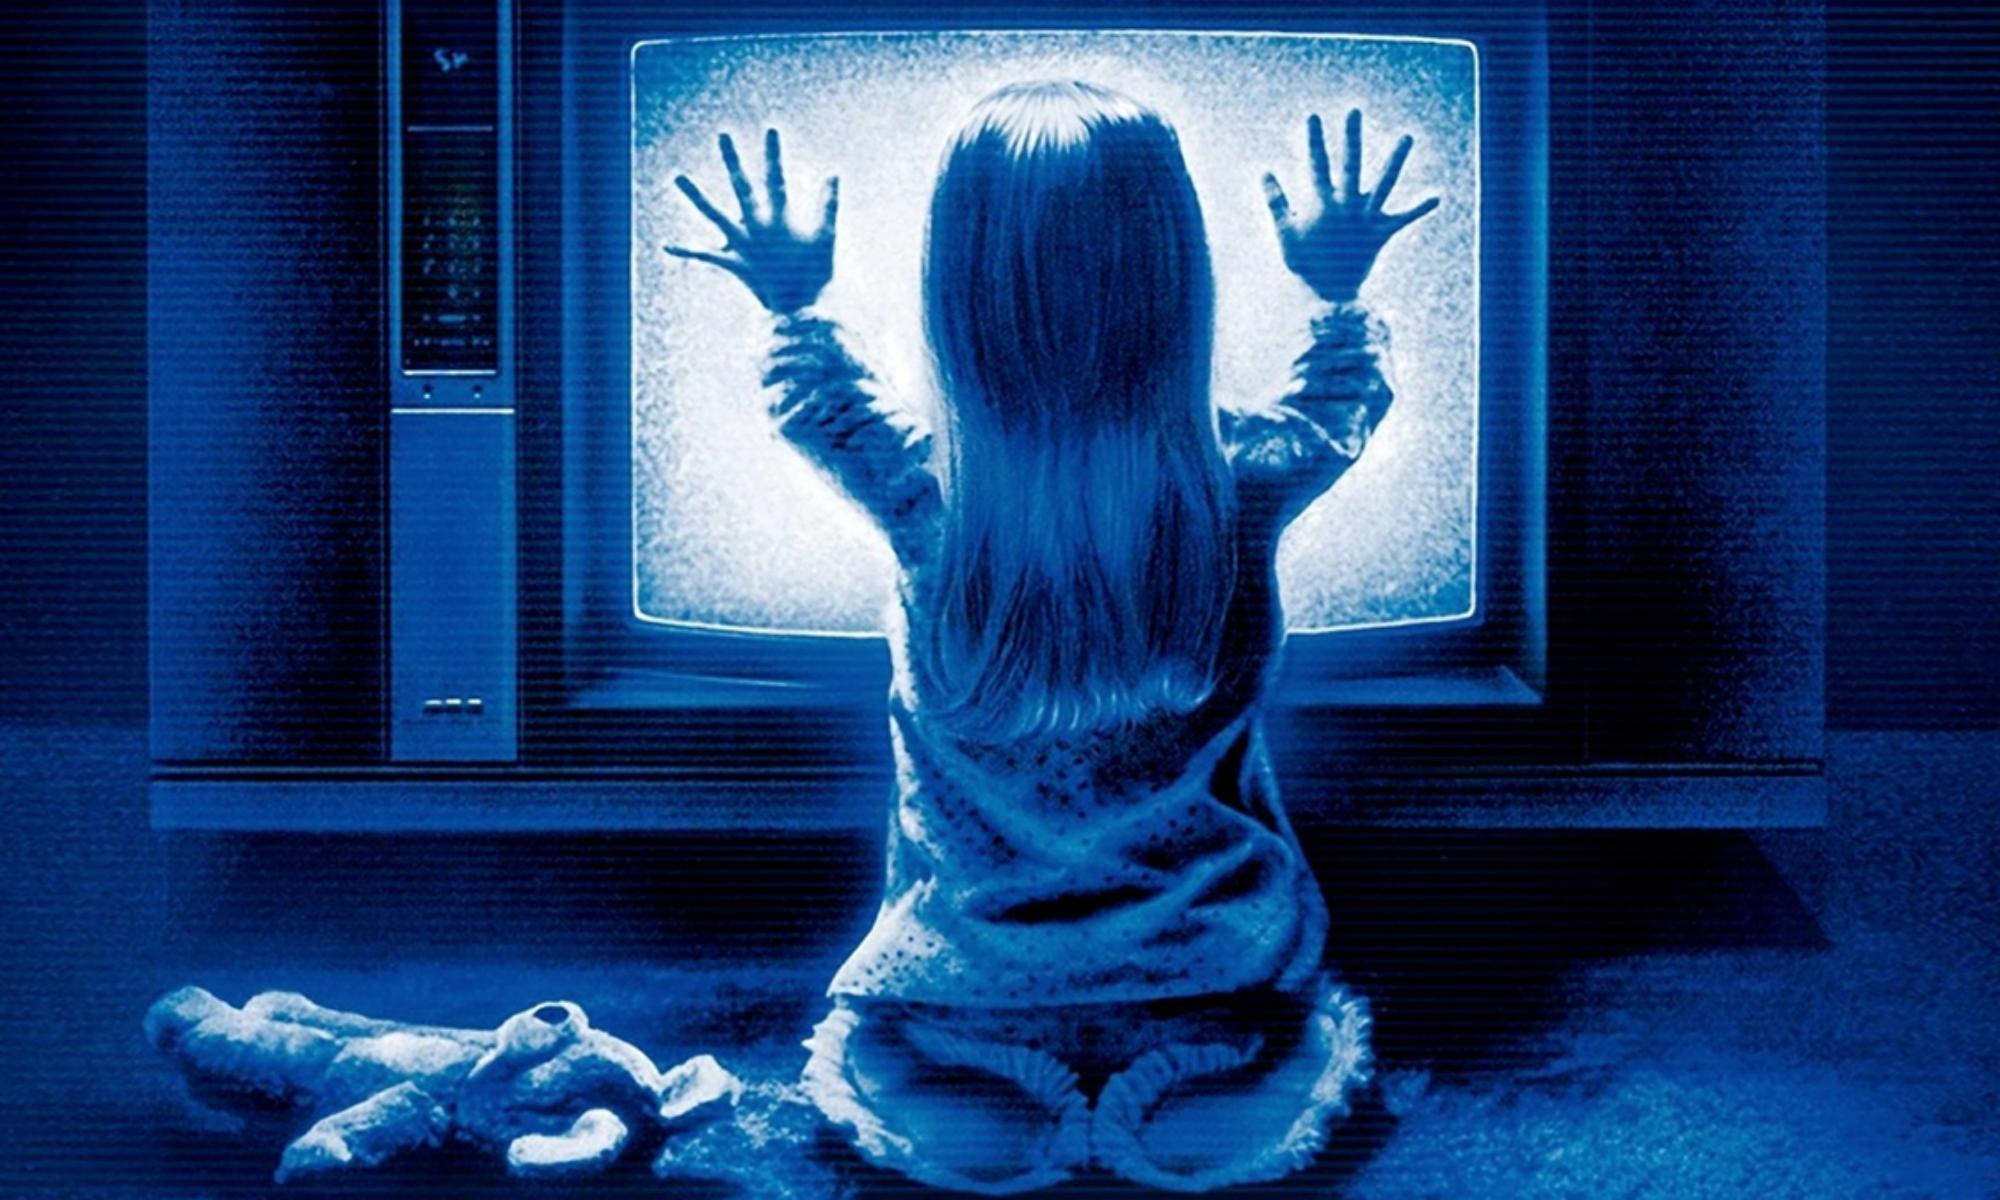 Le mooc sur les contenus web pour les enfants